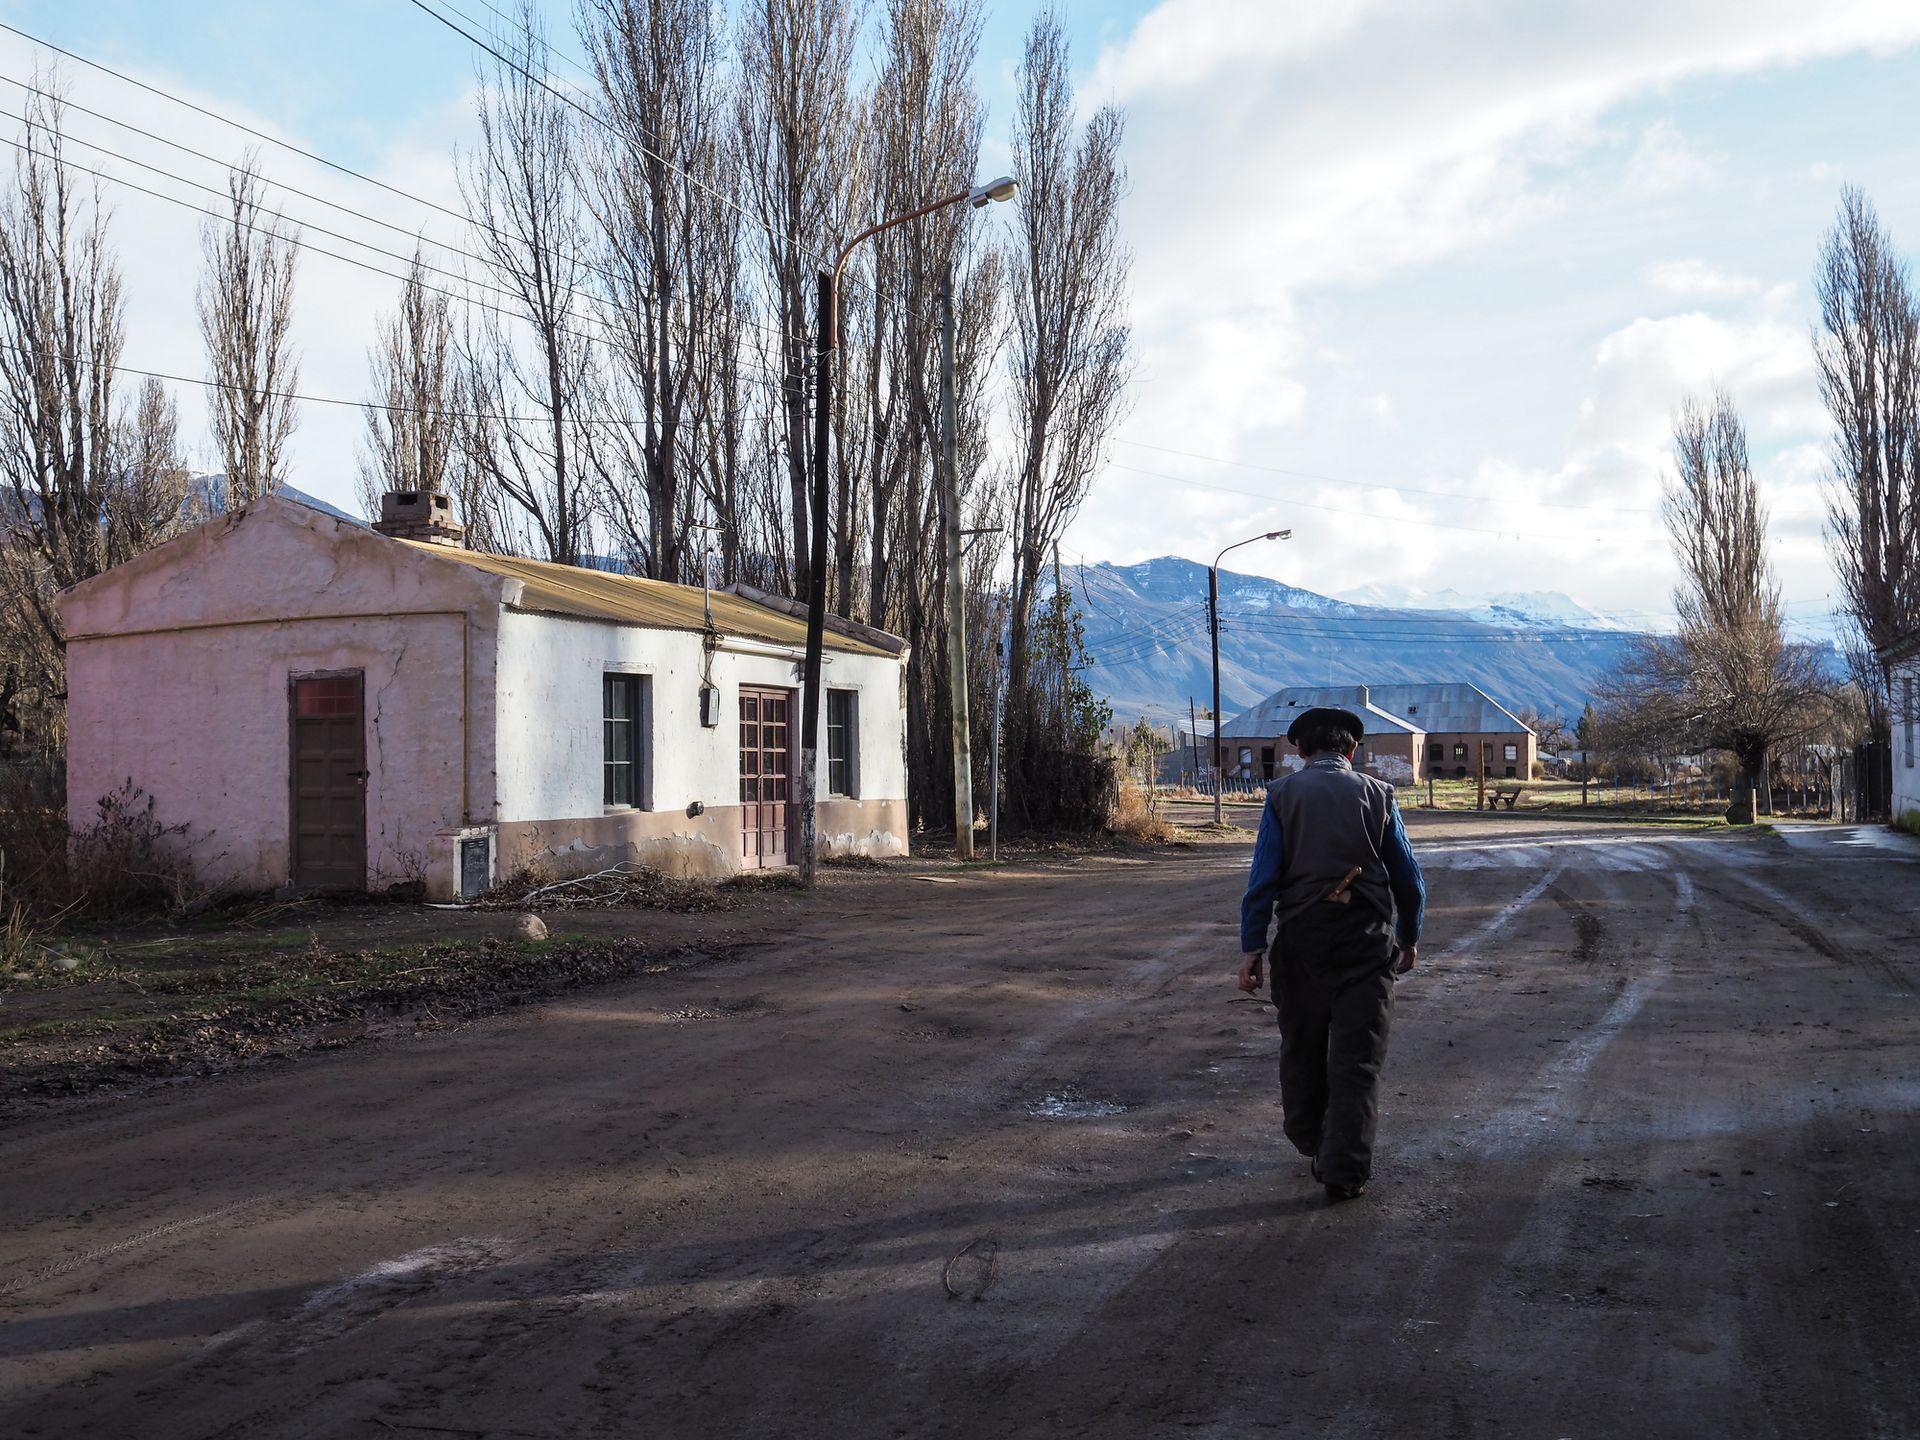 Un poblador camina en una de las calles del pueblo en Lago Posadas